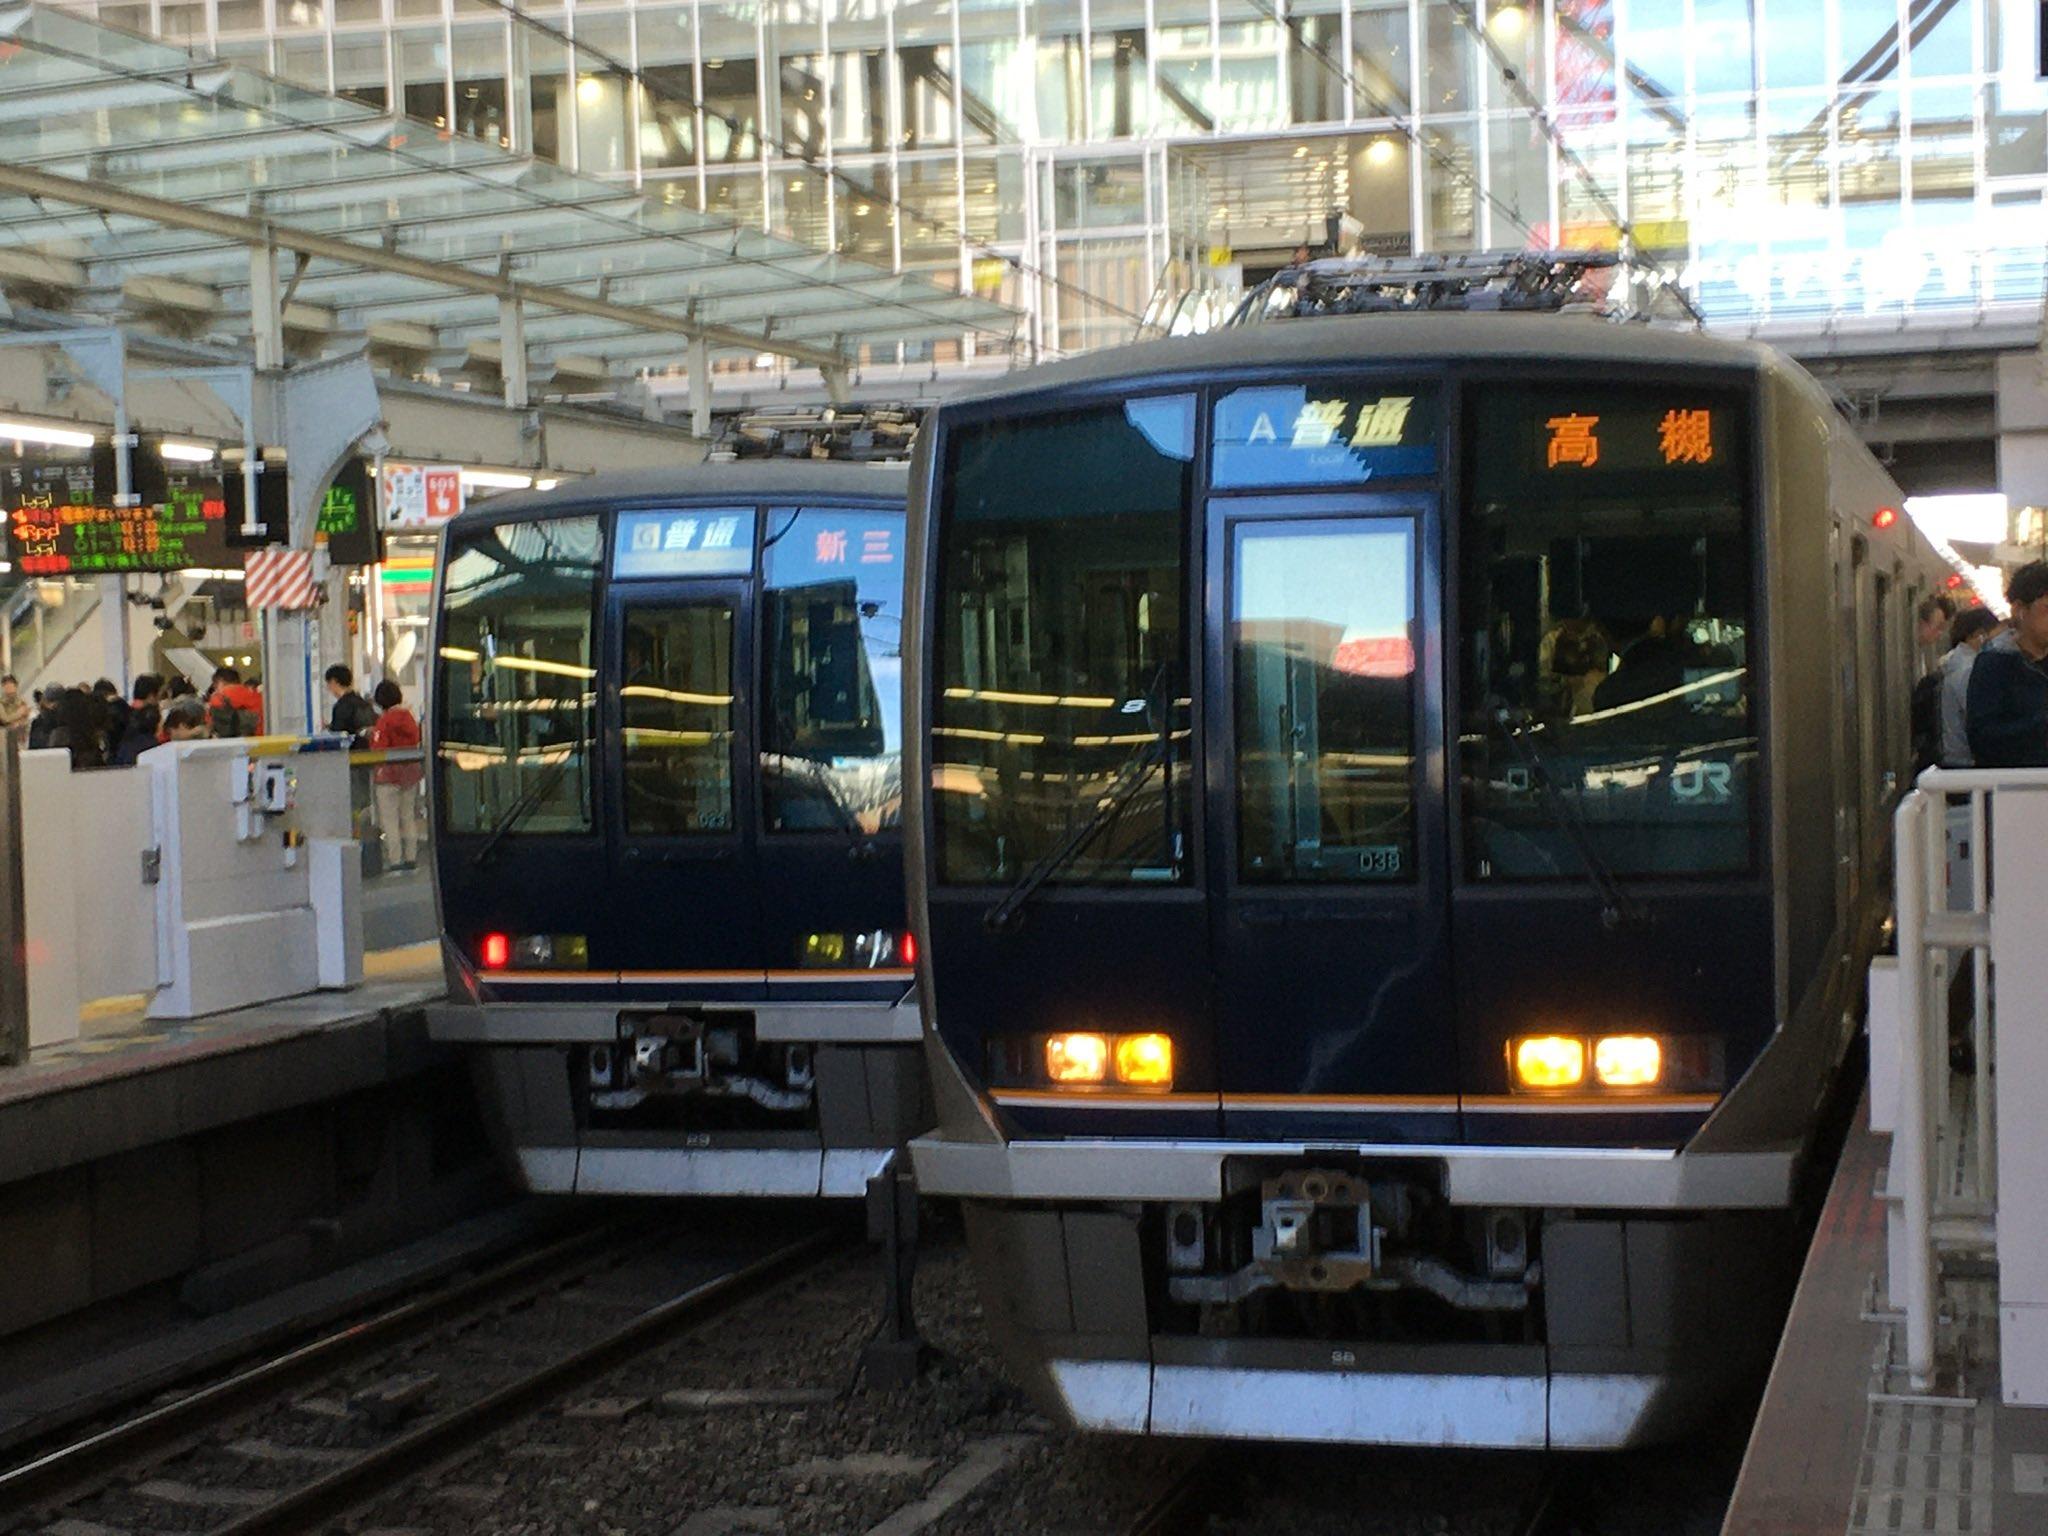 画像,14時45分頃、JR神戸線須磨海浜公園駅で人身事故が発生したため神戸〜西明石駅間で運転を見合わせています。運転再開は15時50分頃の見込みです。 https:/…